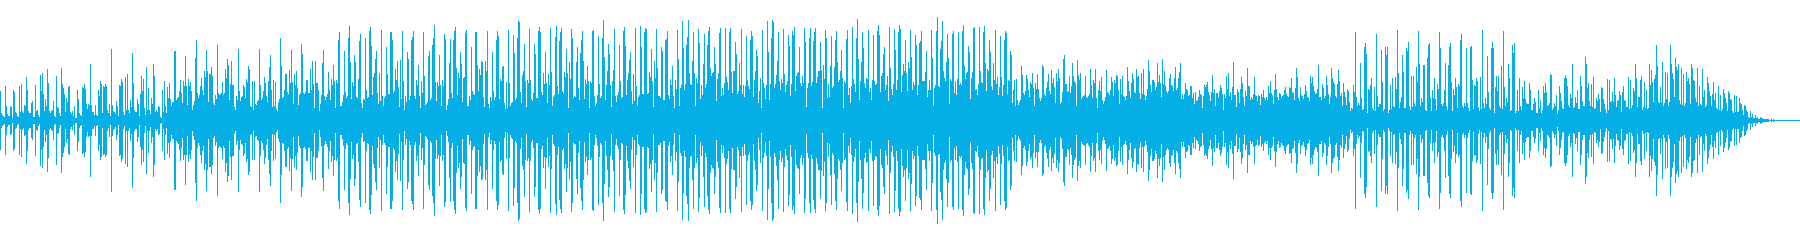 ダウンテンポのダブ系ビートです。の再生済みの波形